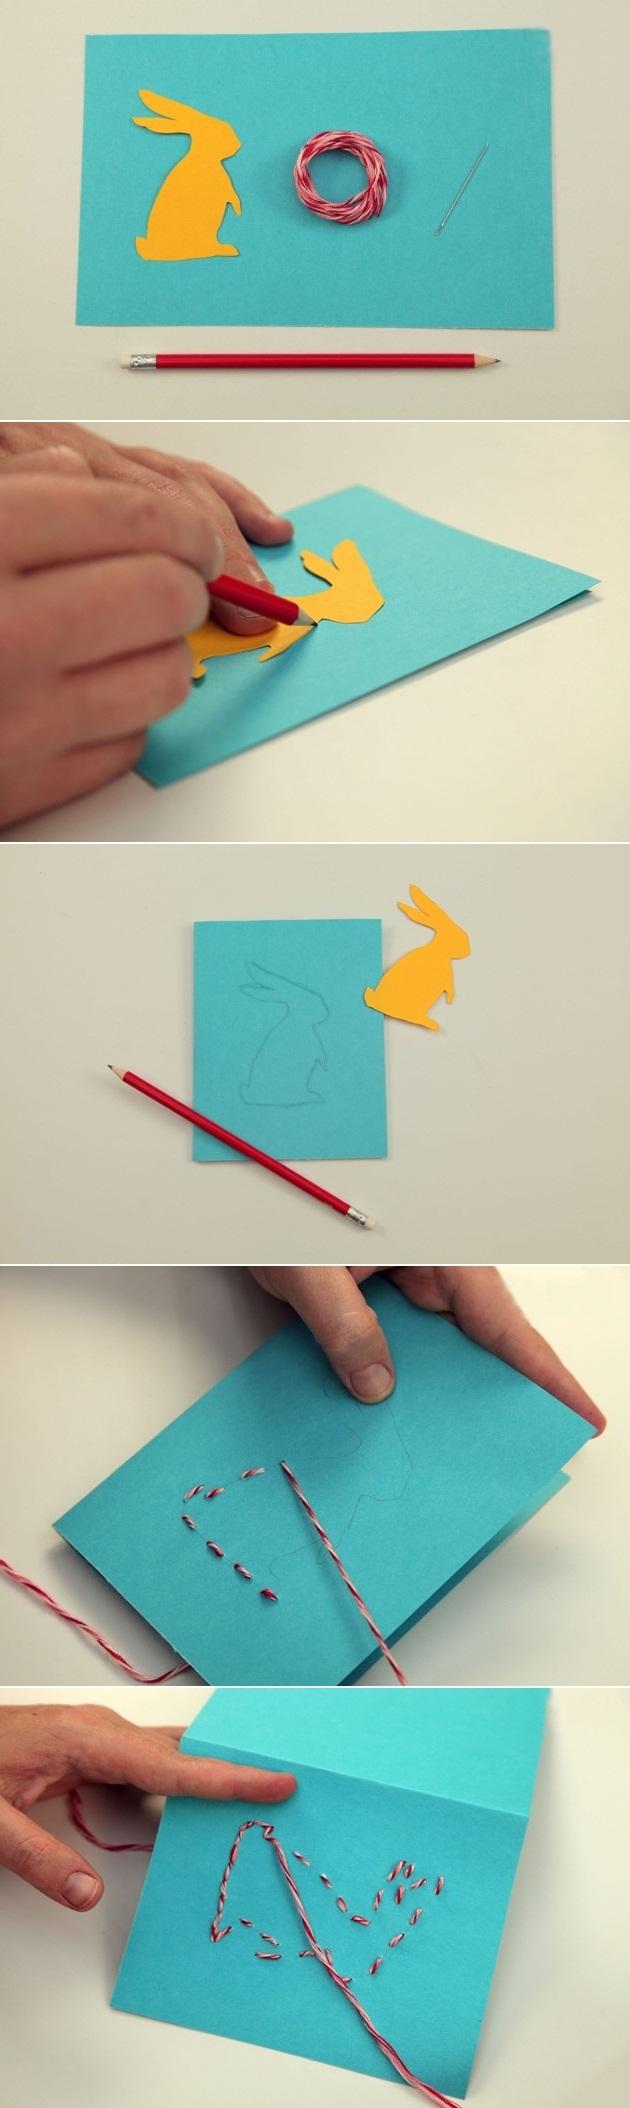 osterkarten bastelideen tutorial schritt für schritt